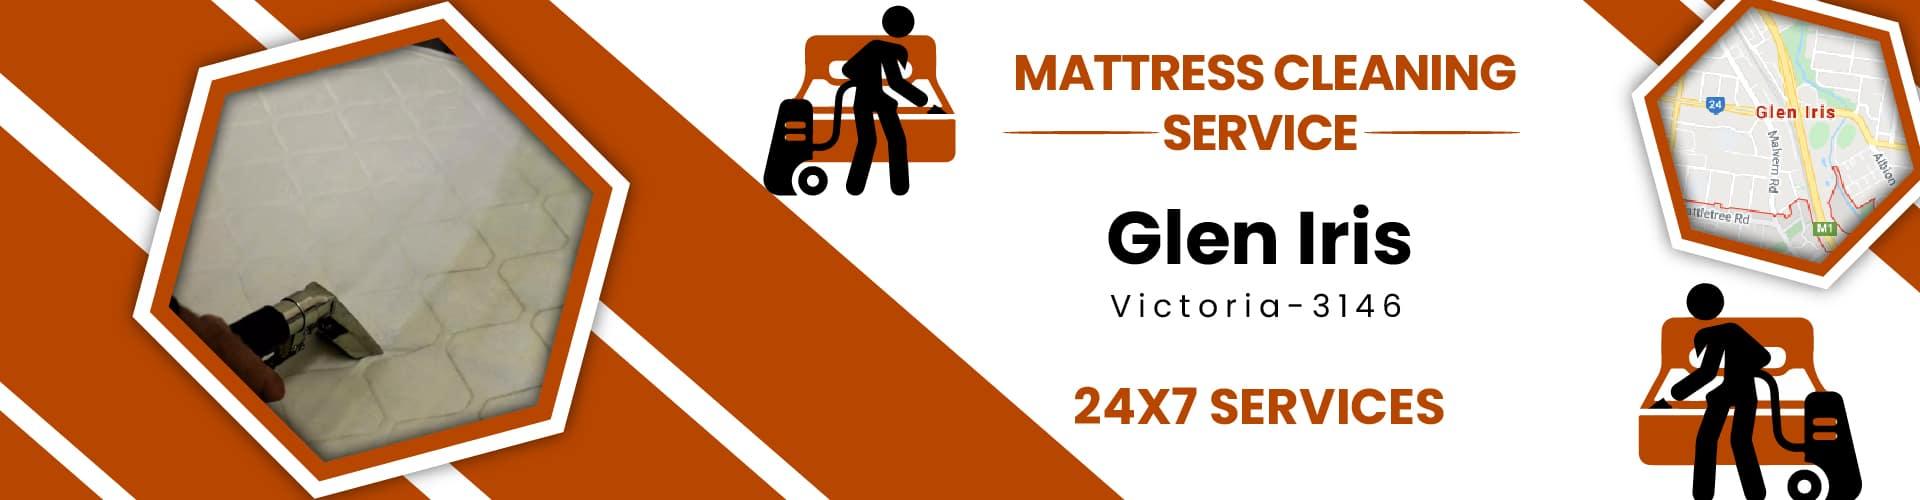 Mattress Cleaning Glen Iris